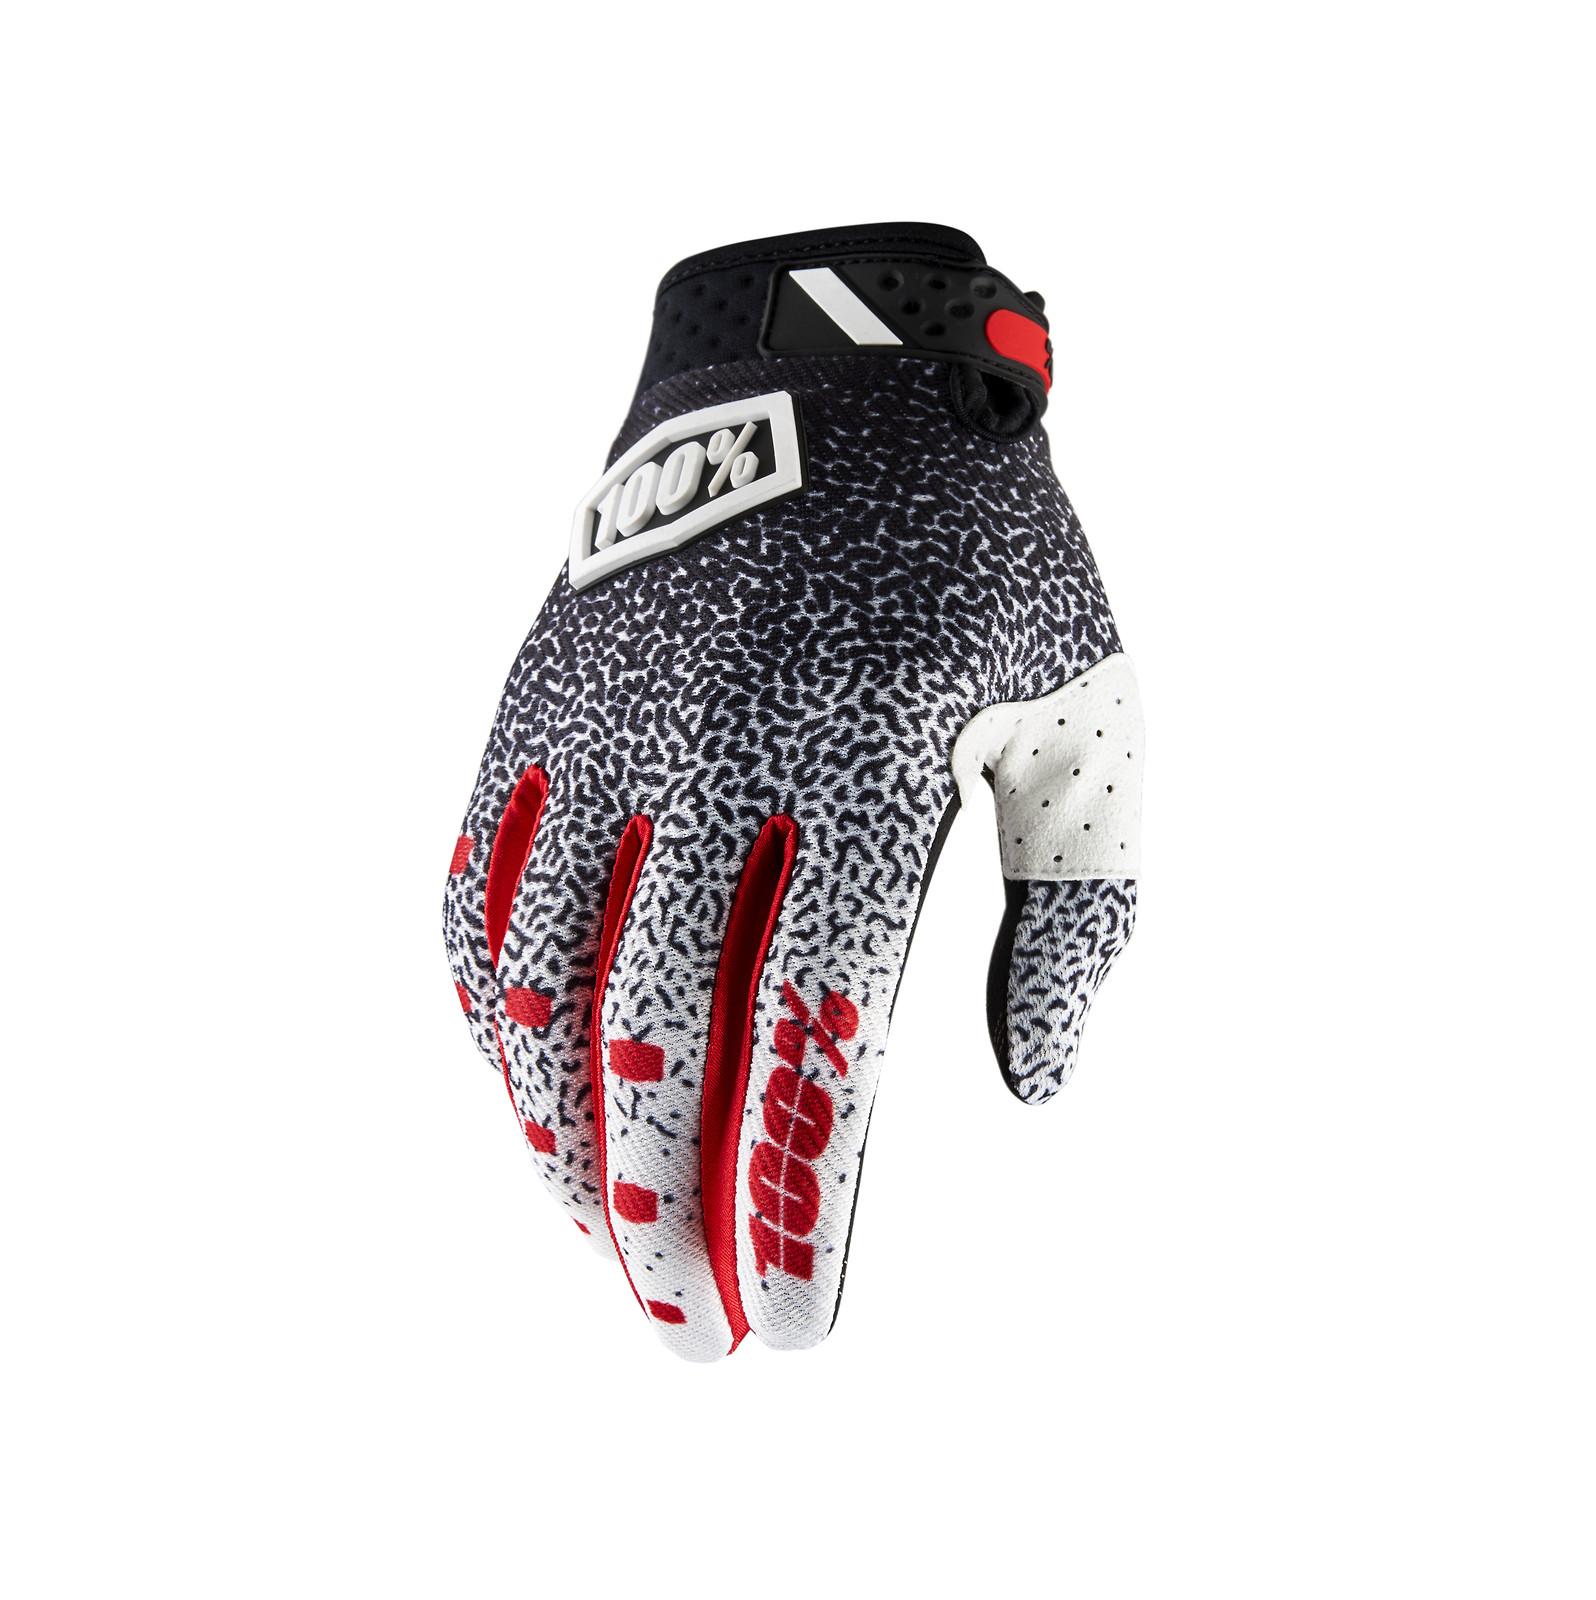 Lightweight Mountain Bike Cycling Gloves Full Finger ION Gat Gloves Black 2016